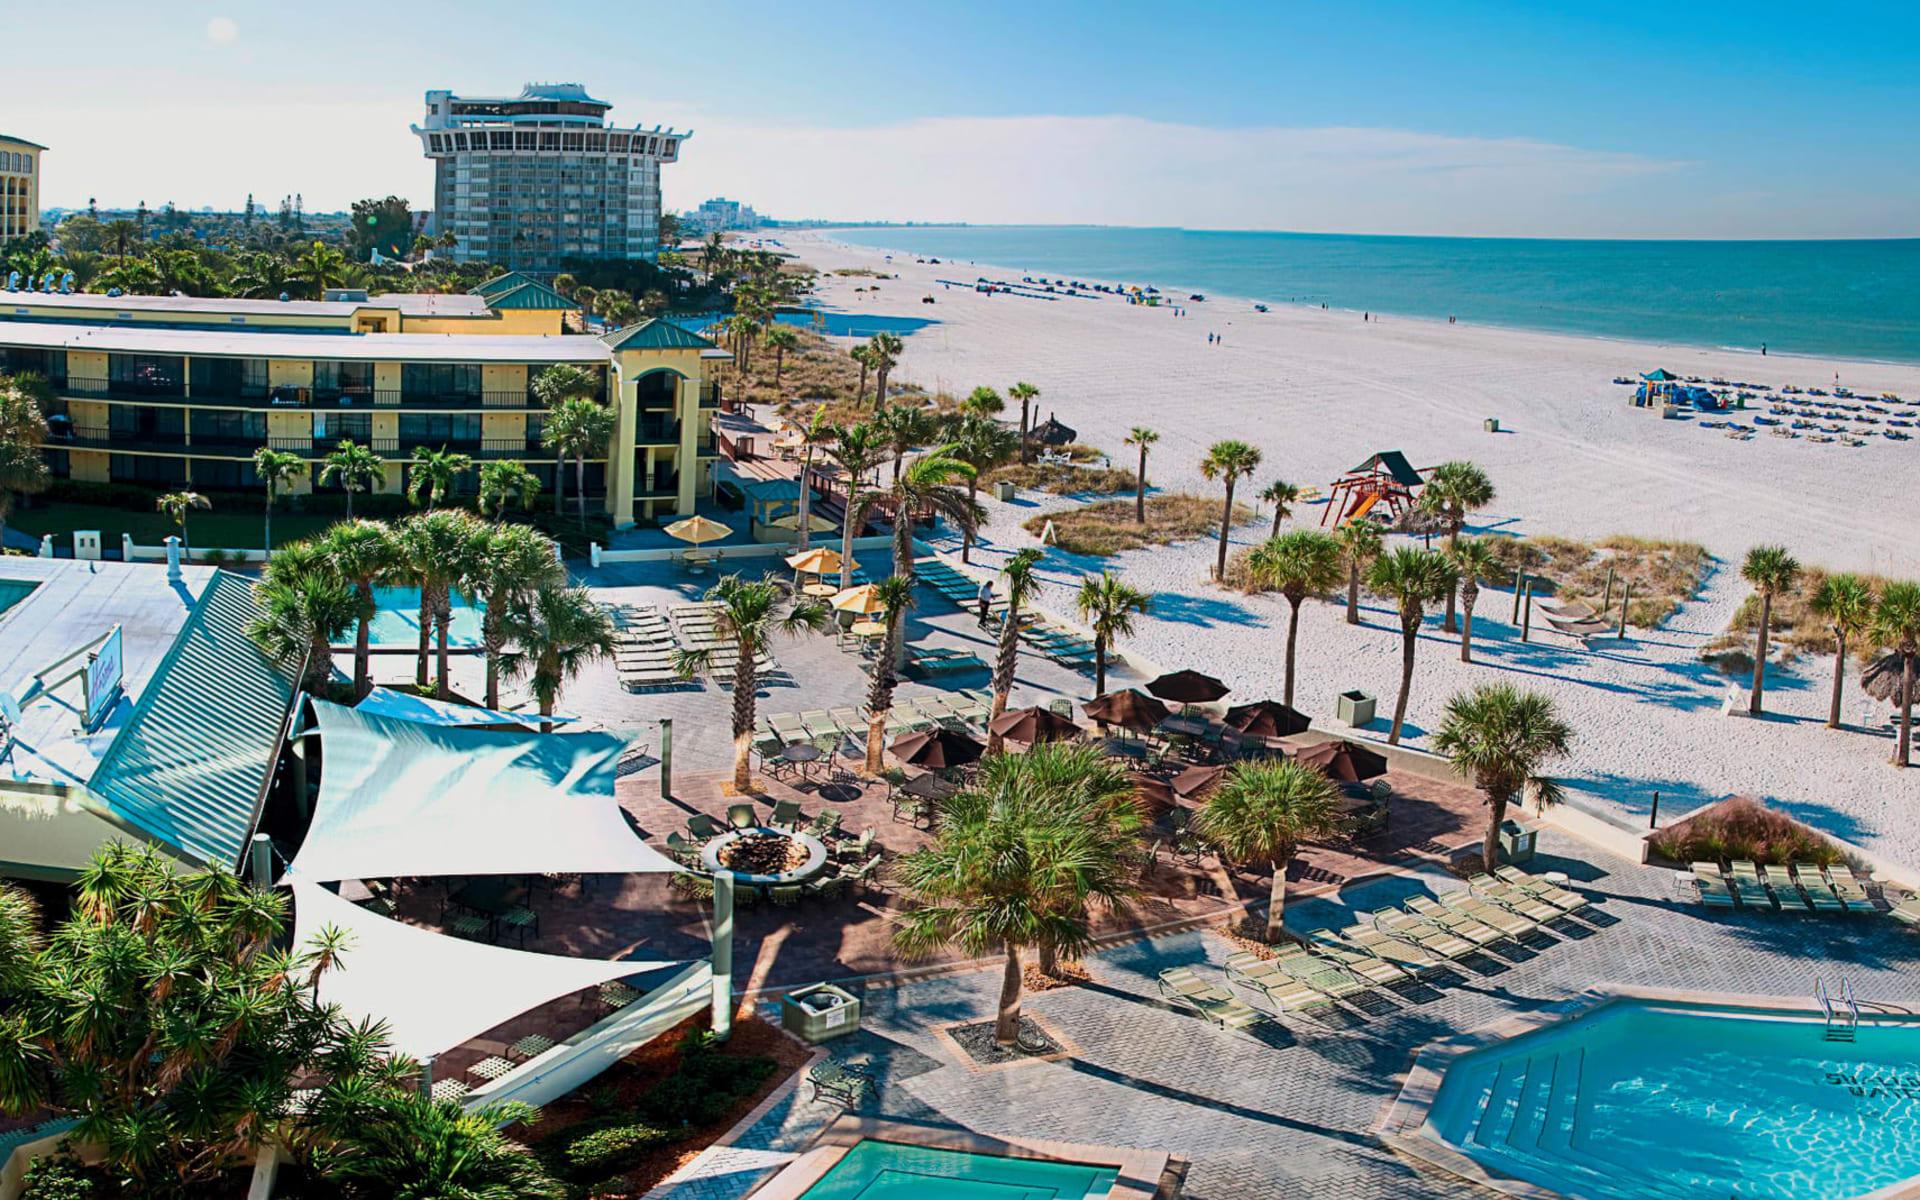 Sirata Beach Resort & Conference Center in St. Pete Beach: exterior sirate beach resort und conference center beach hotelanlage strand meer